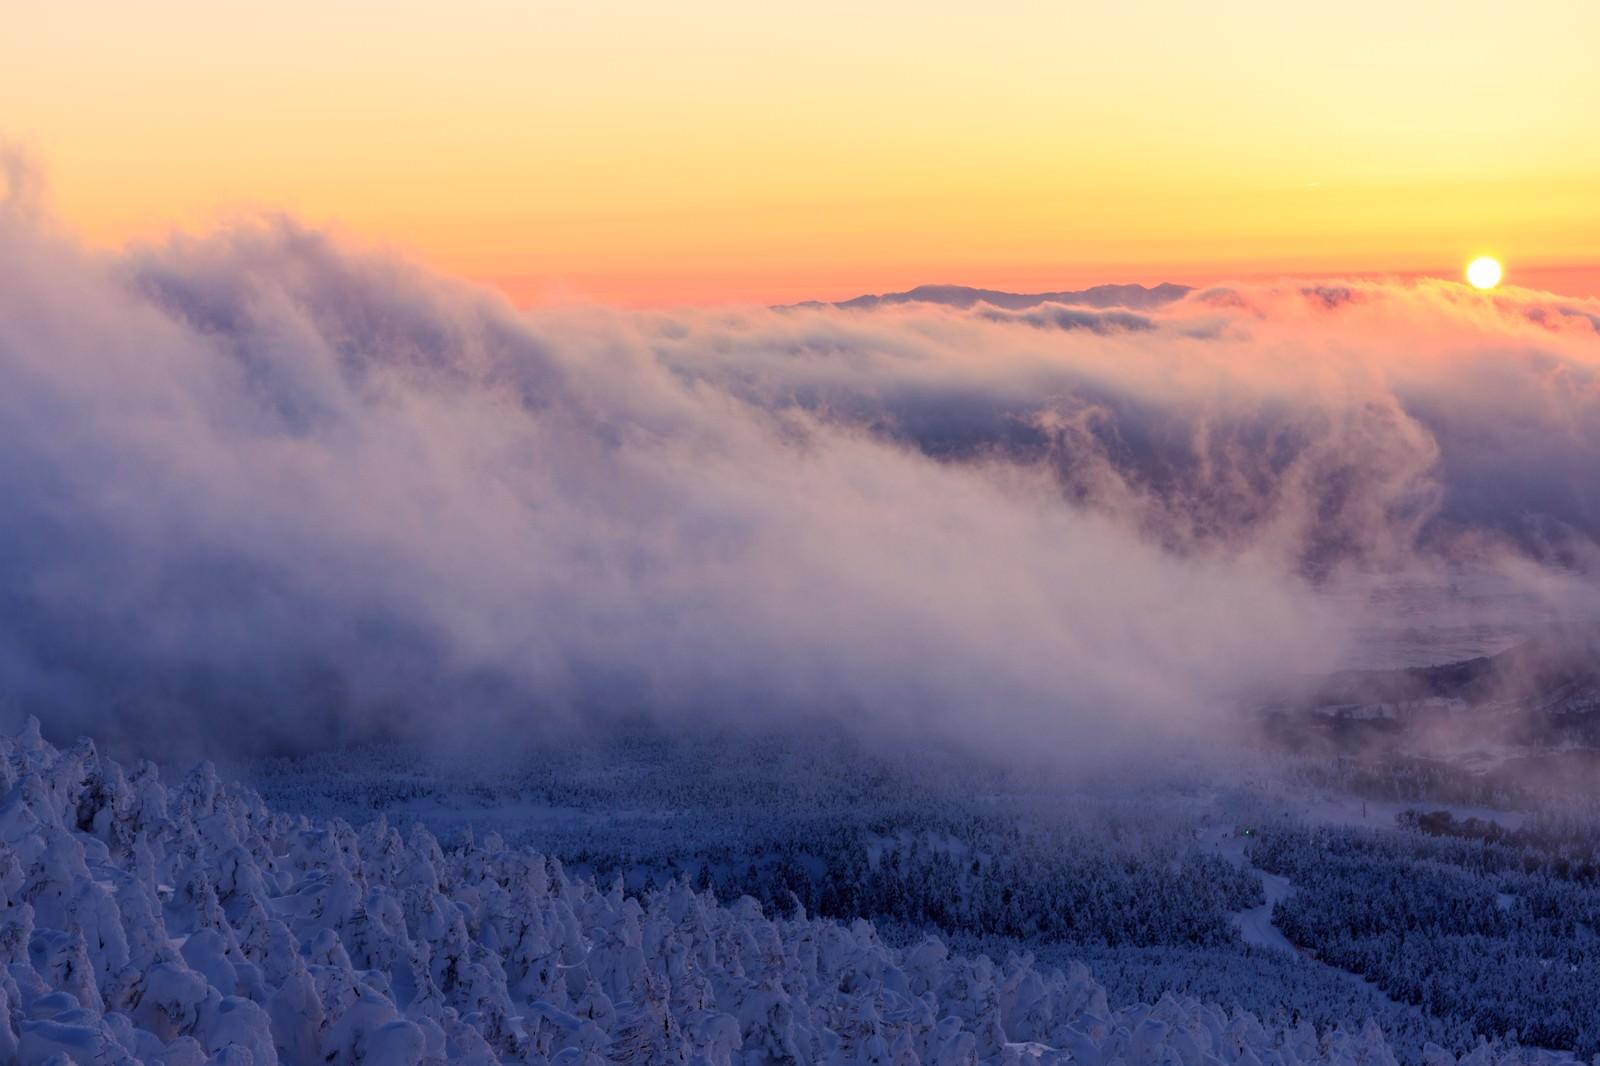 「山頂の樹氷と夕暮れ」の写真